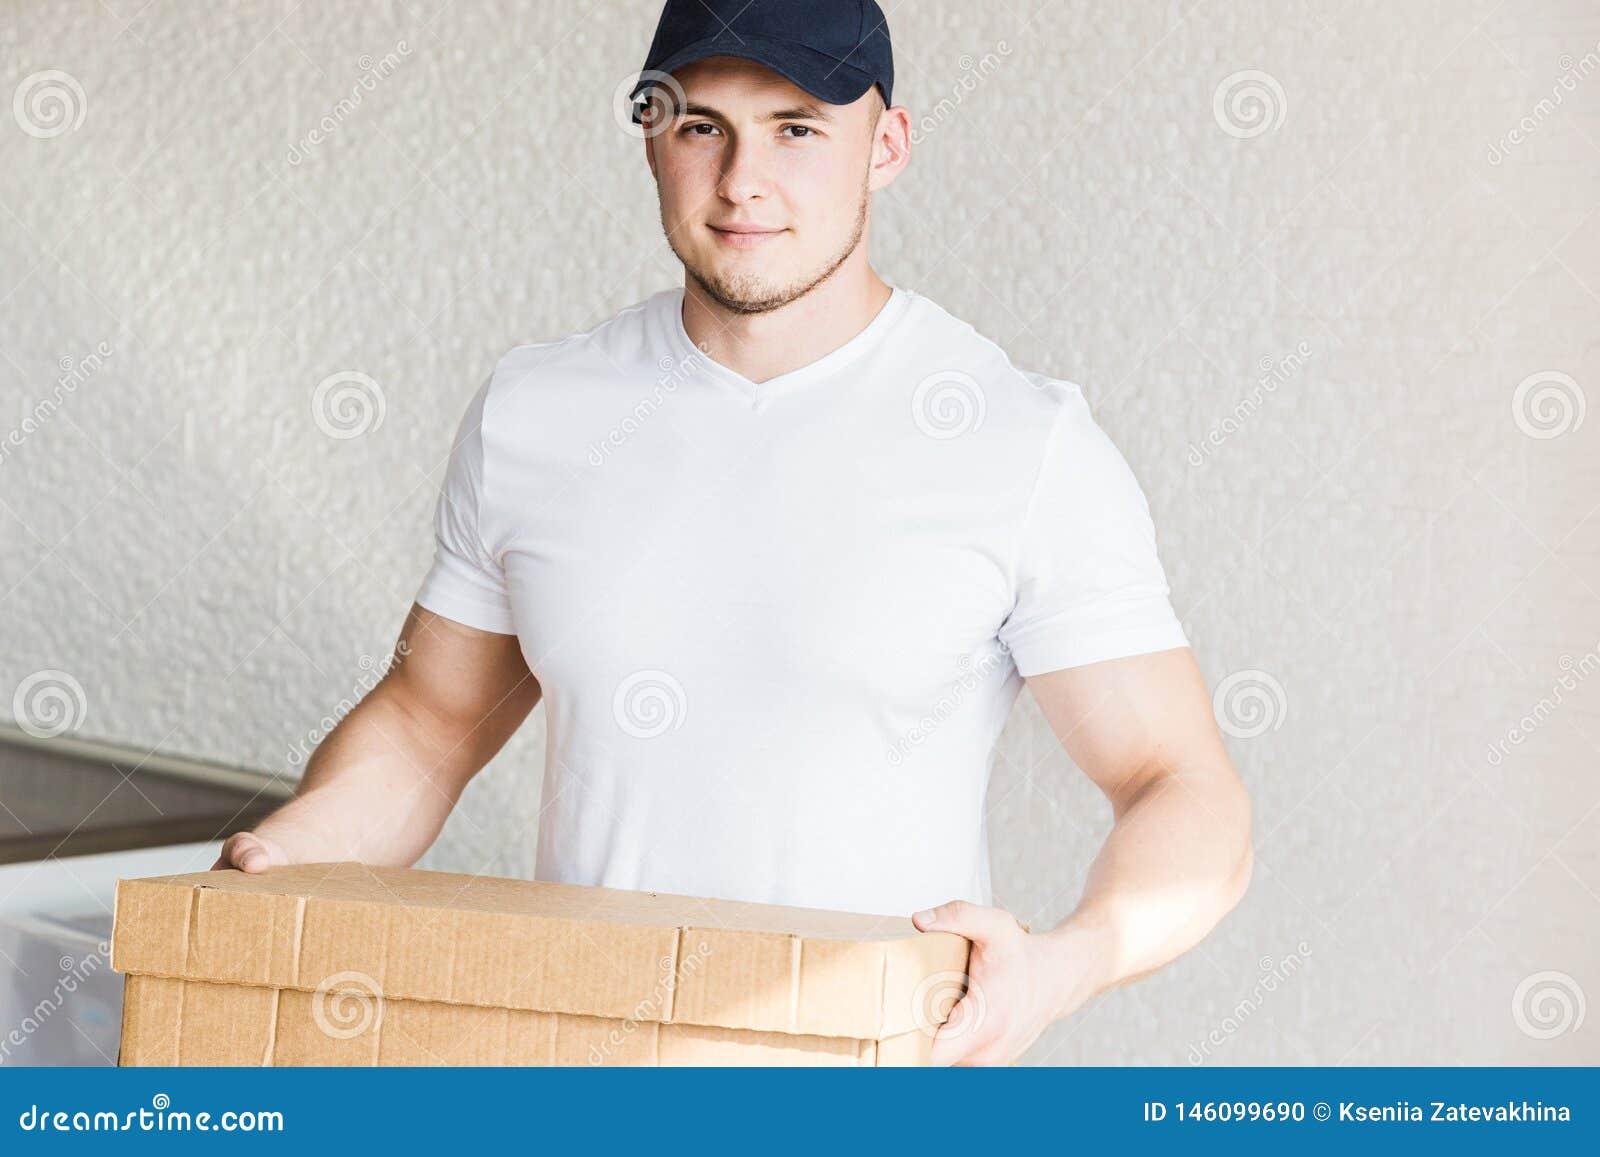 Ισχυρά, μυϊκά κουτιά από χαρτόνι φόρτωσης ατόμων παράδοσης για την κίνηση προς ένα διαμέρισμα επαγγελματικός εργαζόμενος της μετα